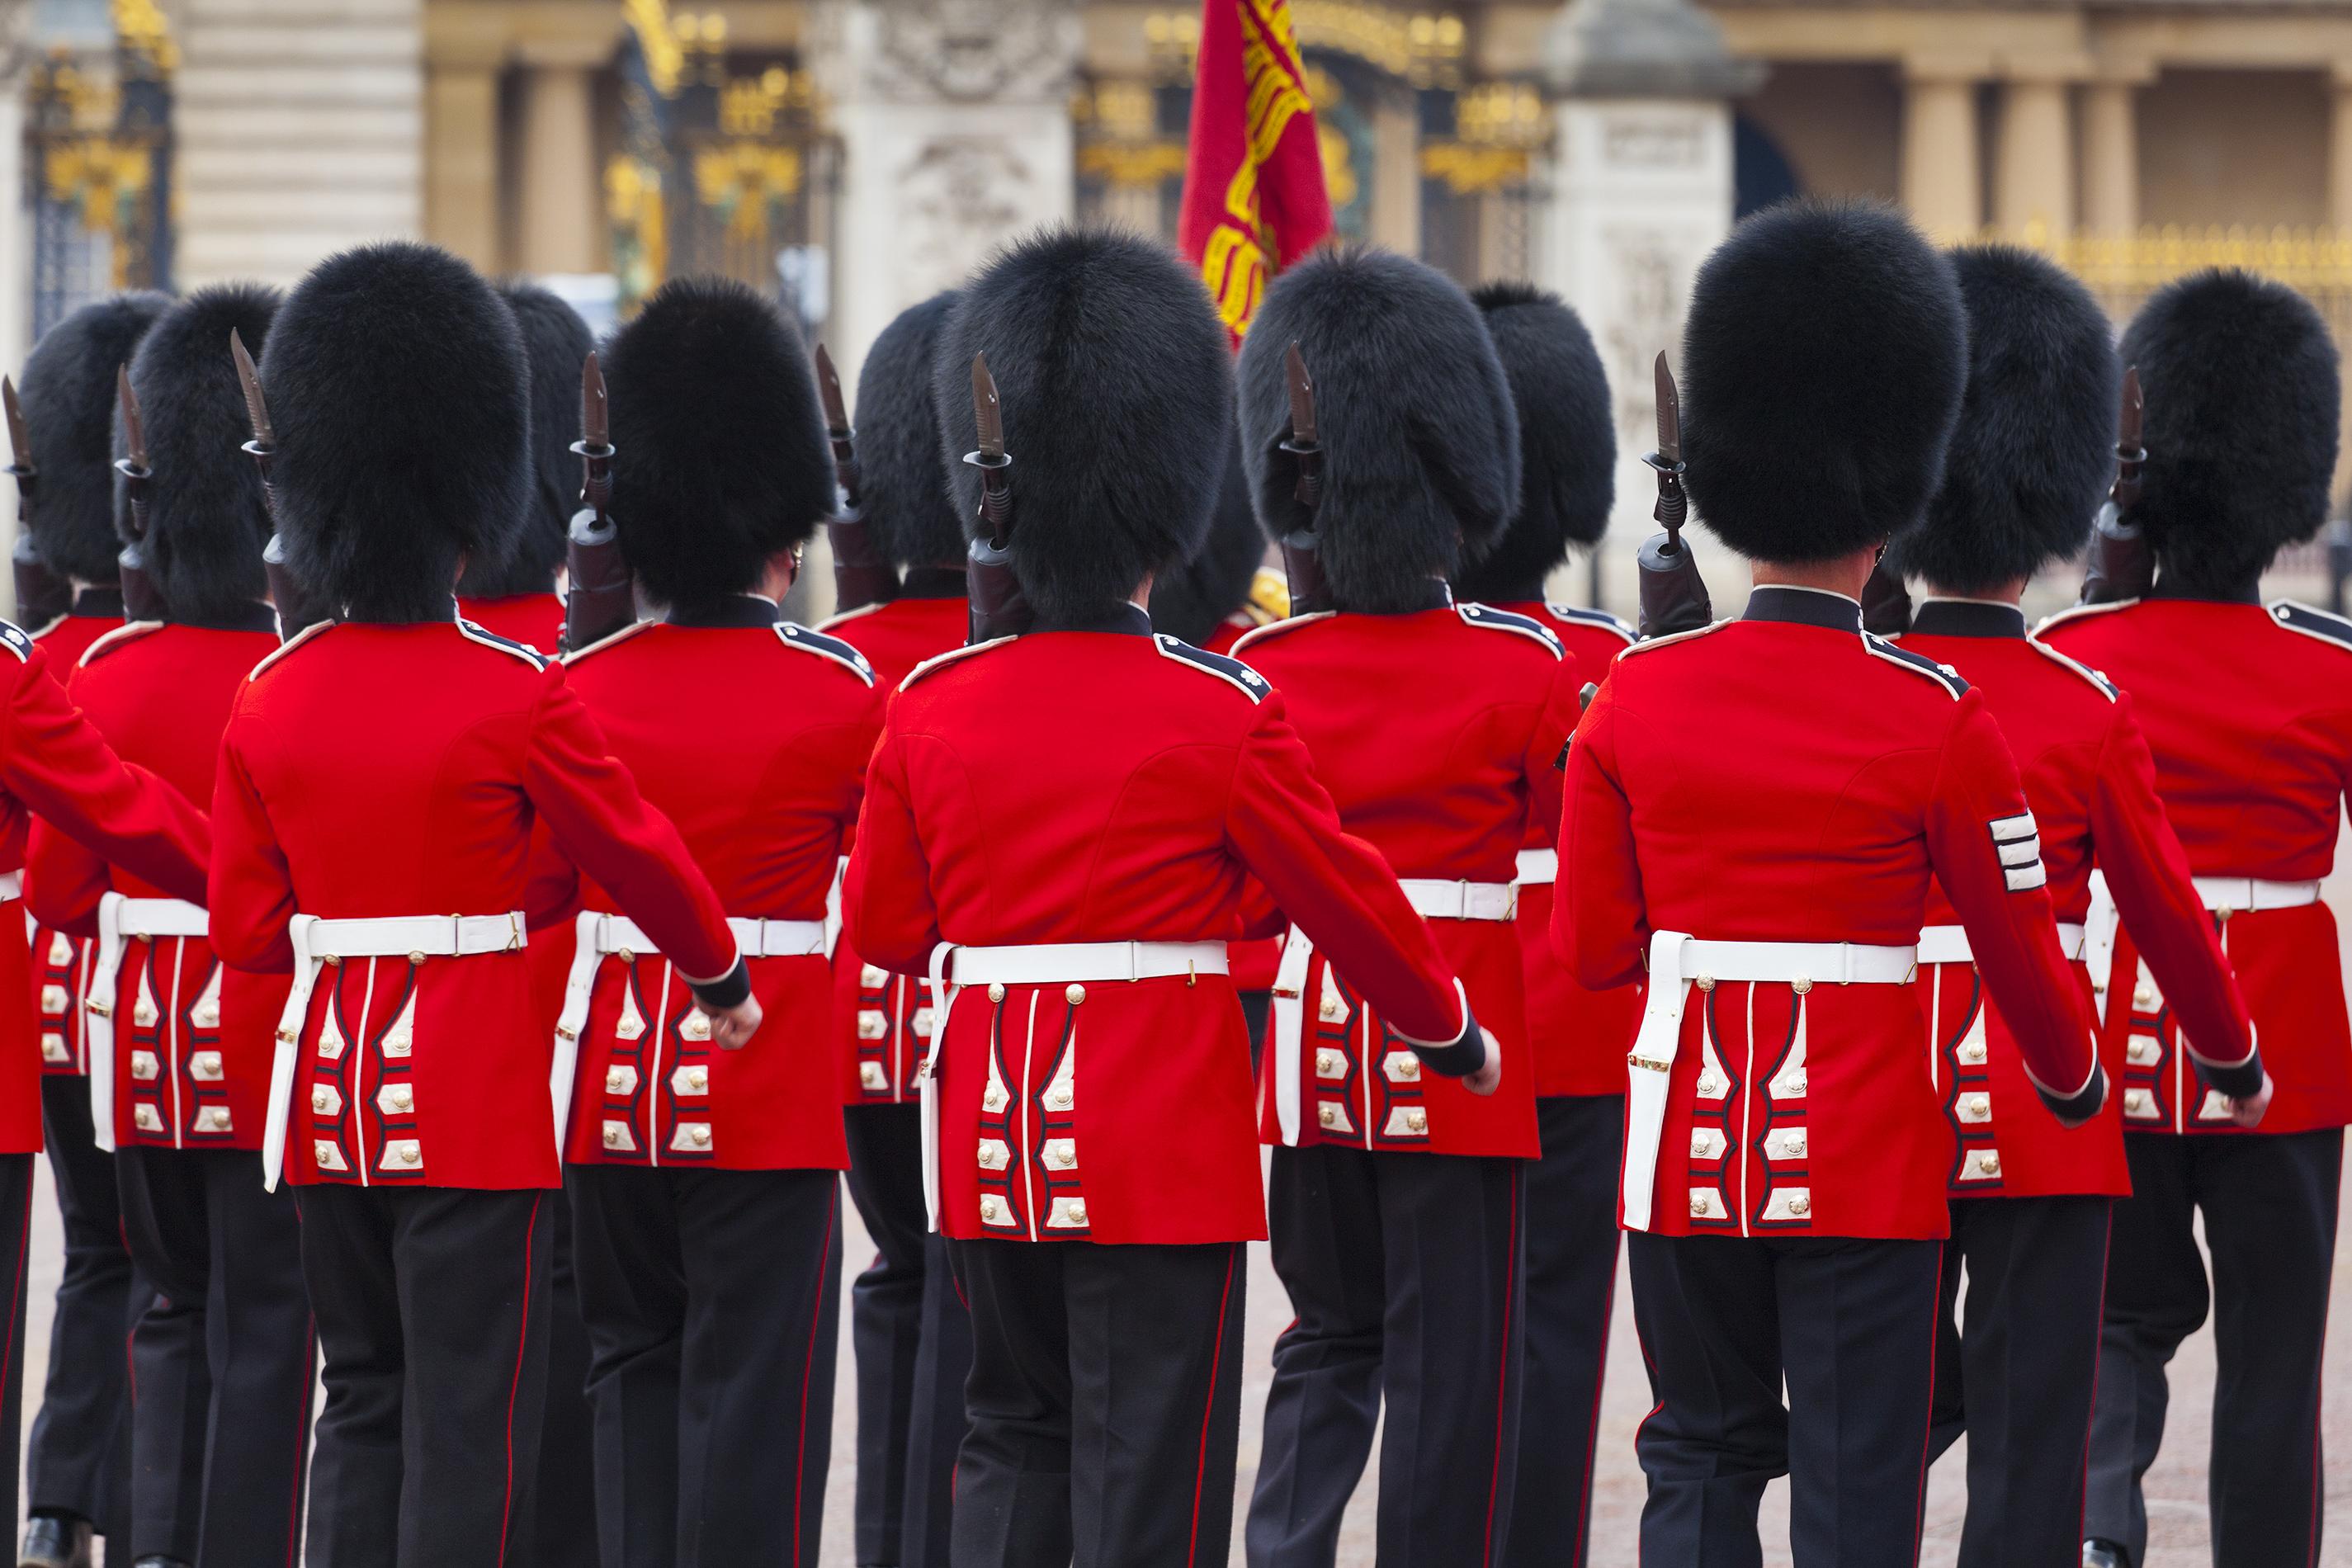 Asiste al ceremonial cambio de guardia de Buckingham Palace - Inglaterra Circuito Londres y Lo Mejor de Los Países Bajos